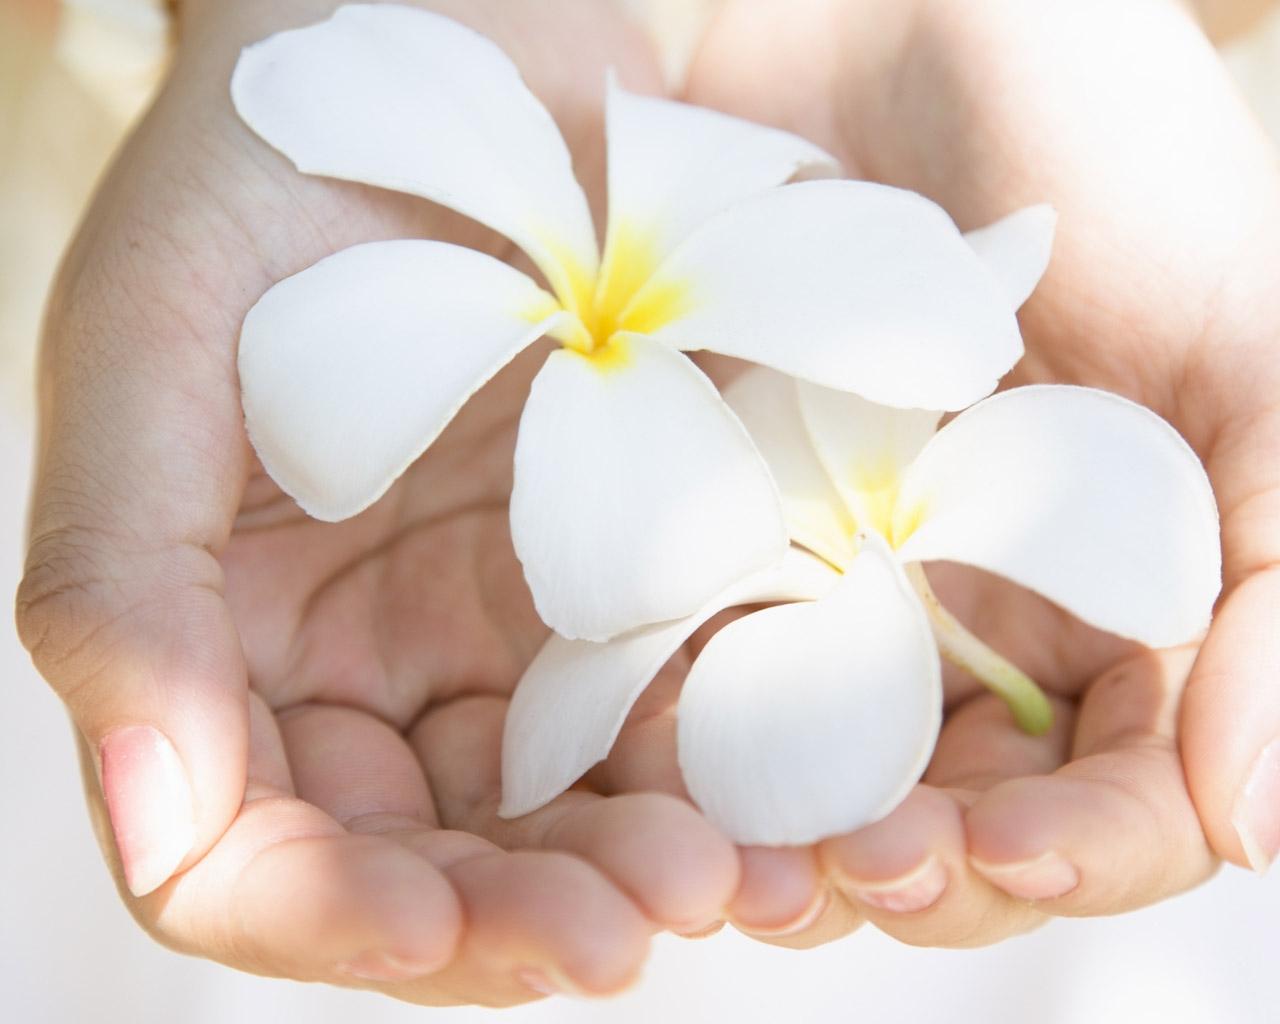 фото цветы на ладонях объявили